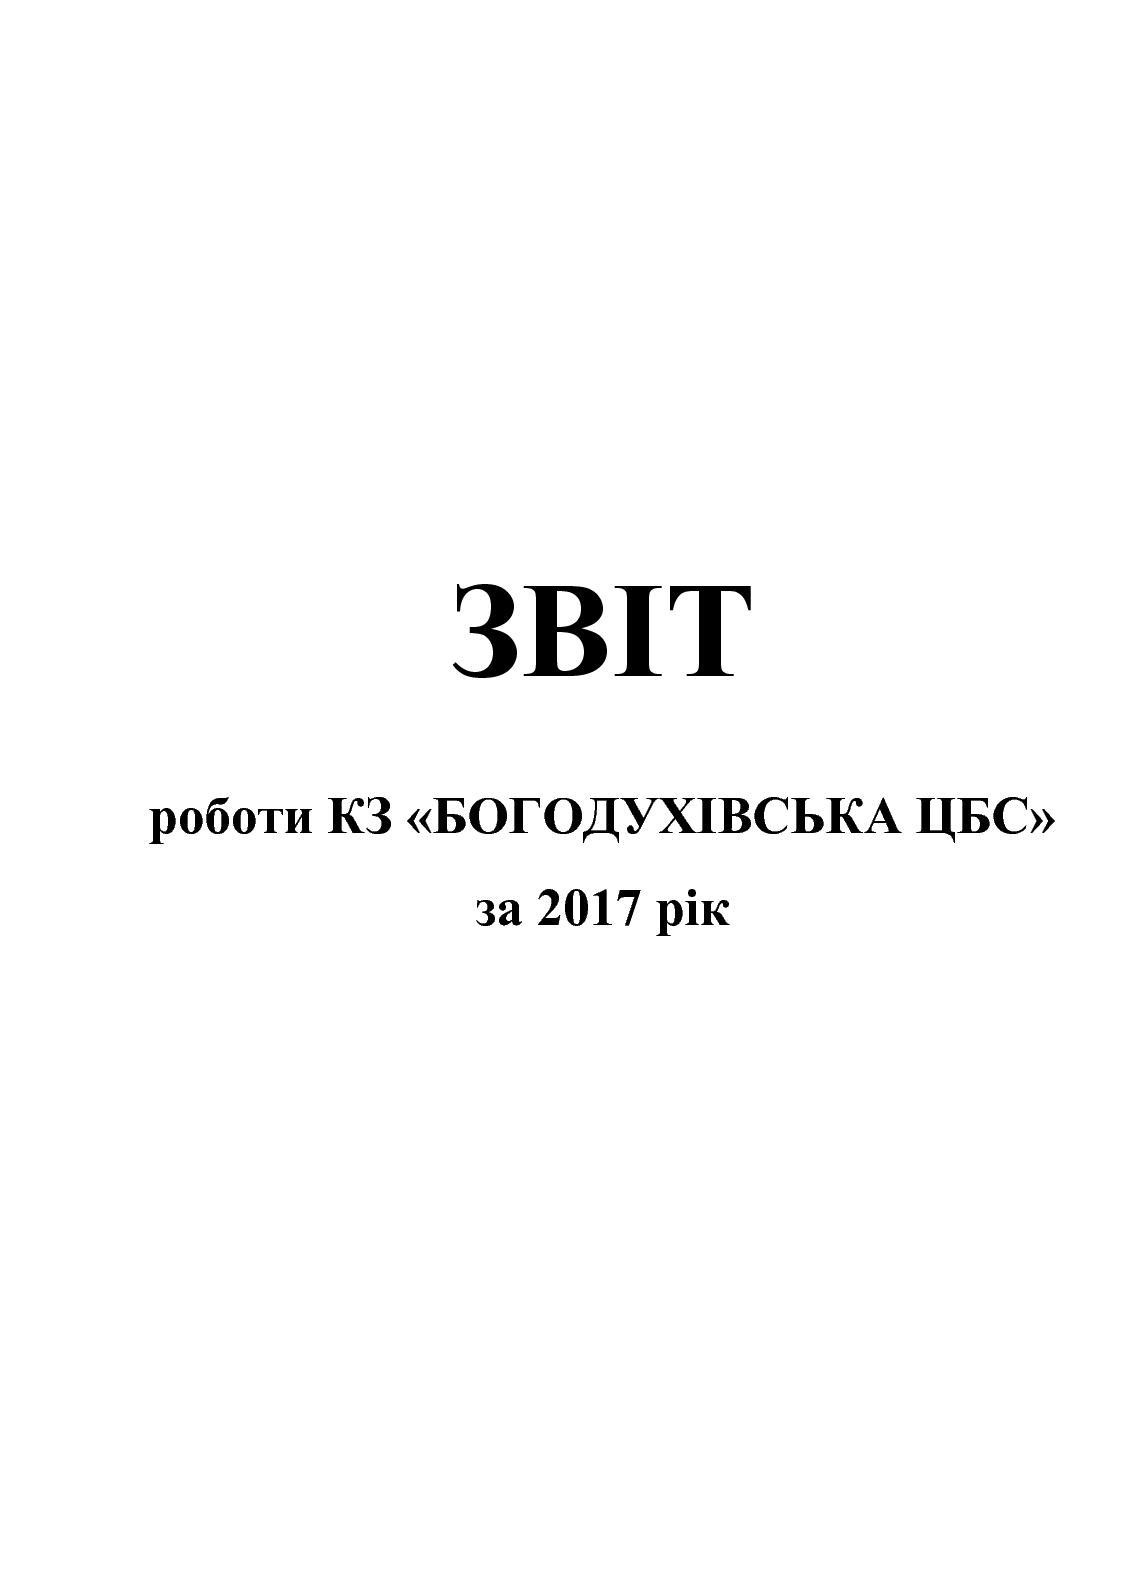 Звіт роботи КЗ «БОГОДУХІВСЬКА ЦБС» за 2017 рік